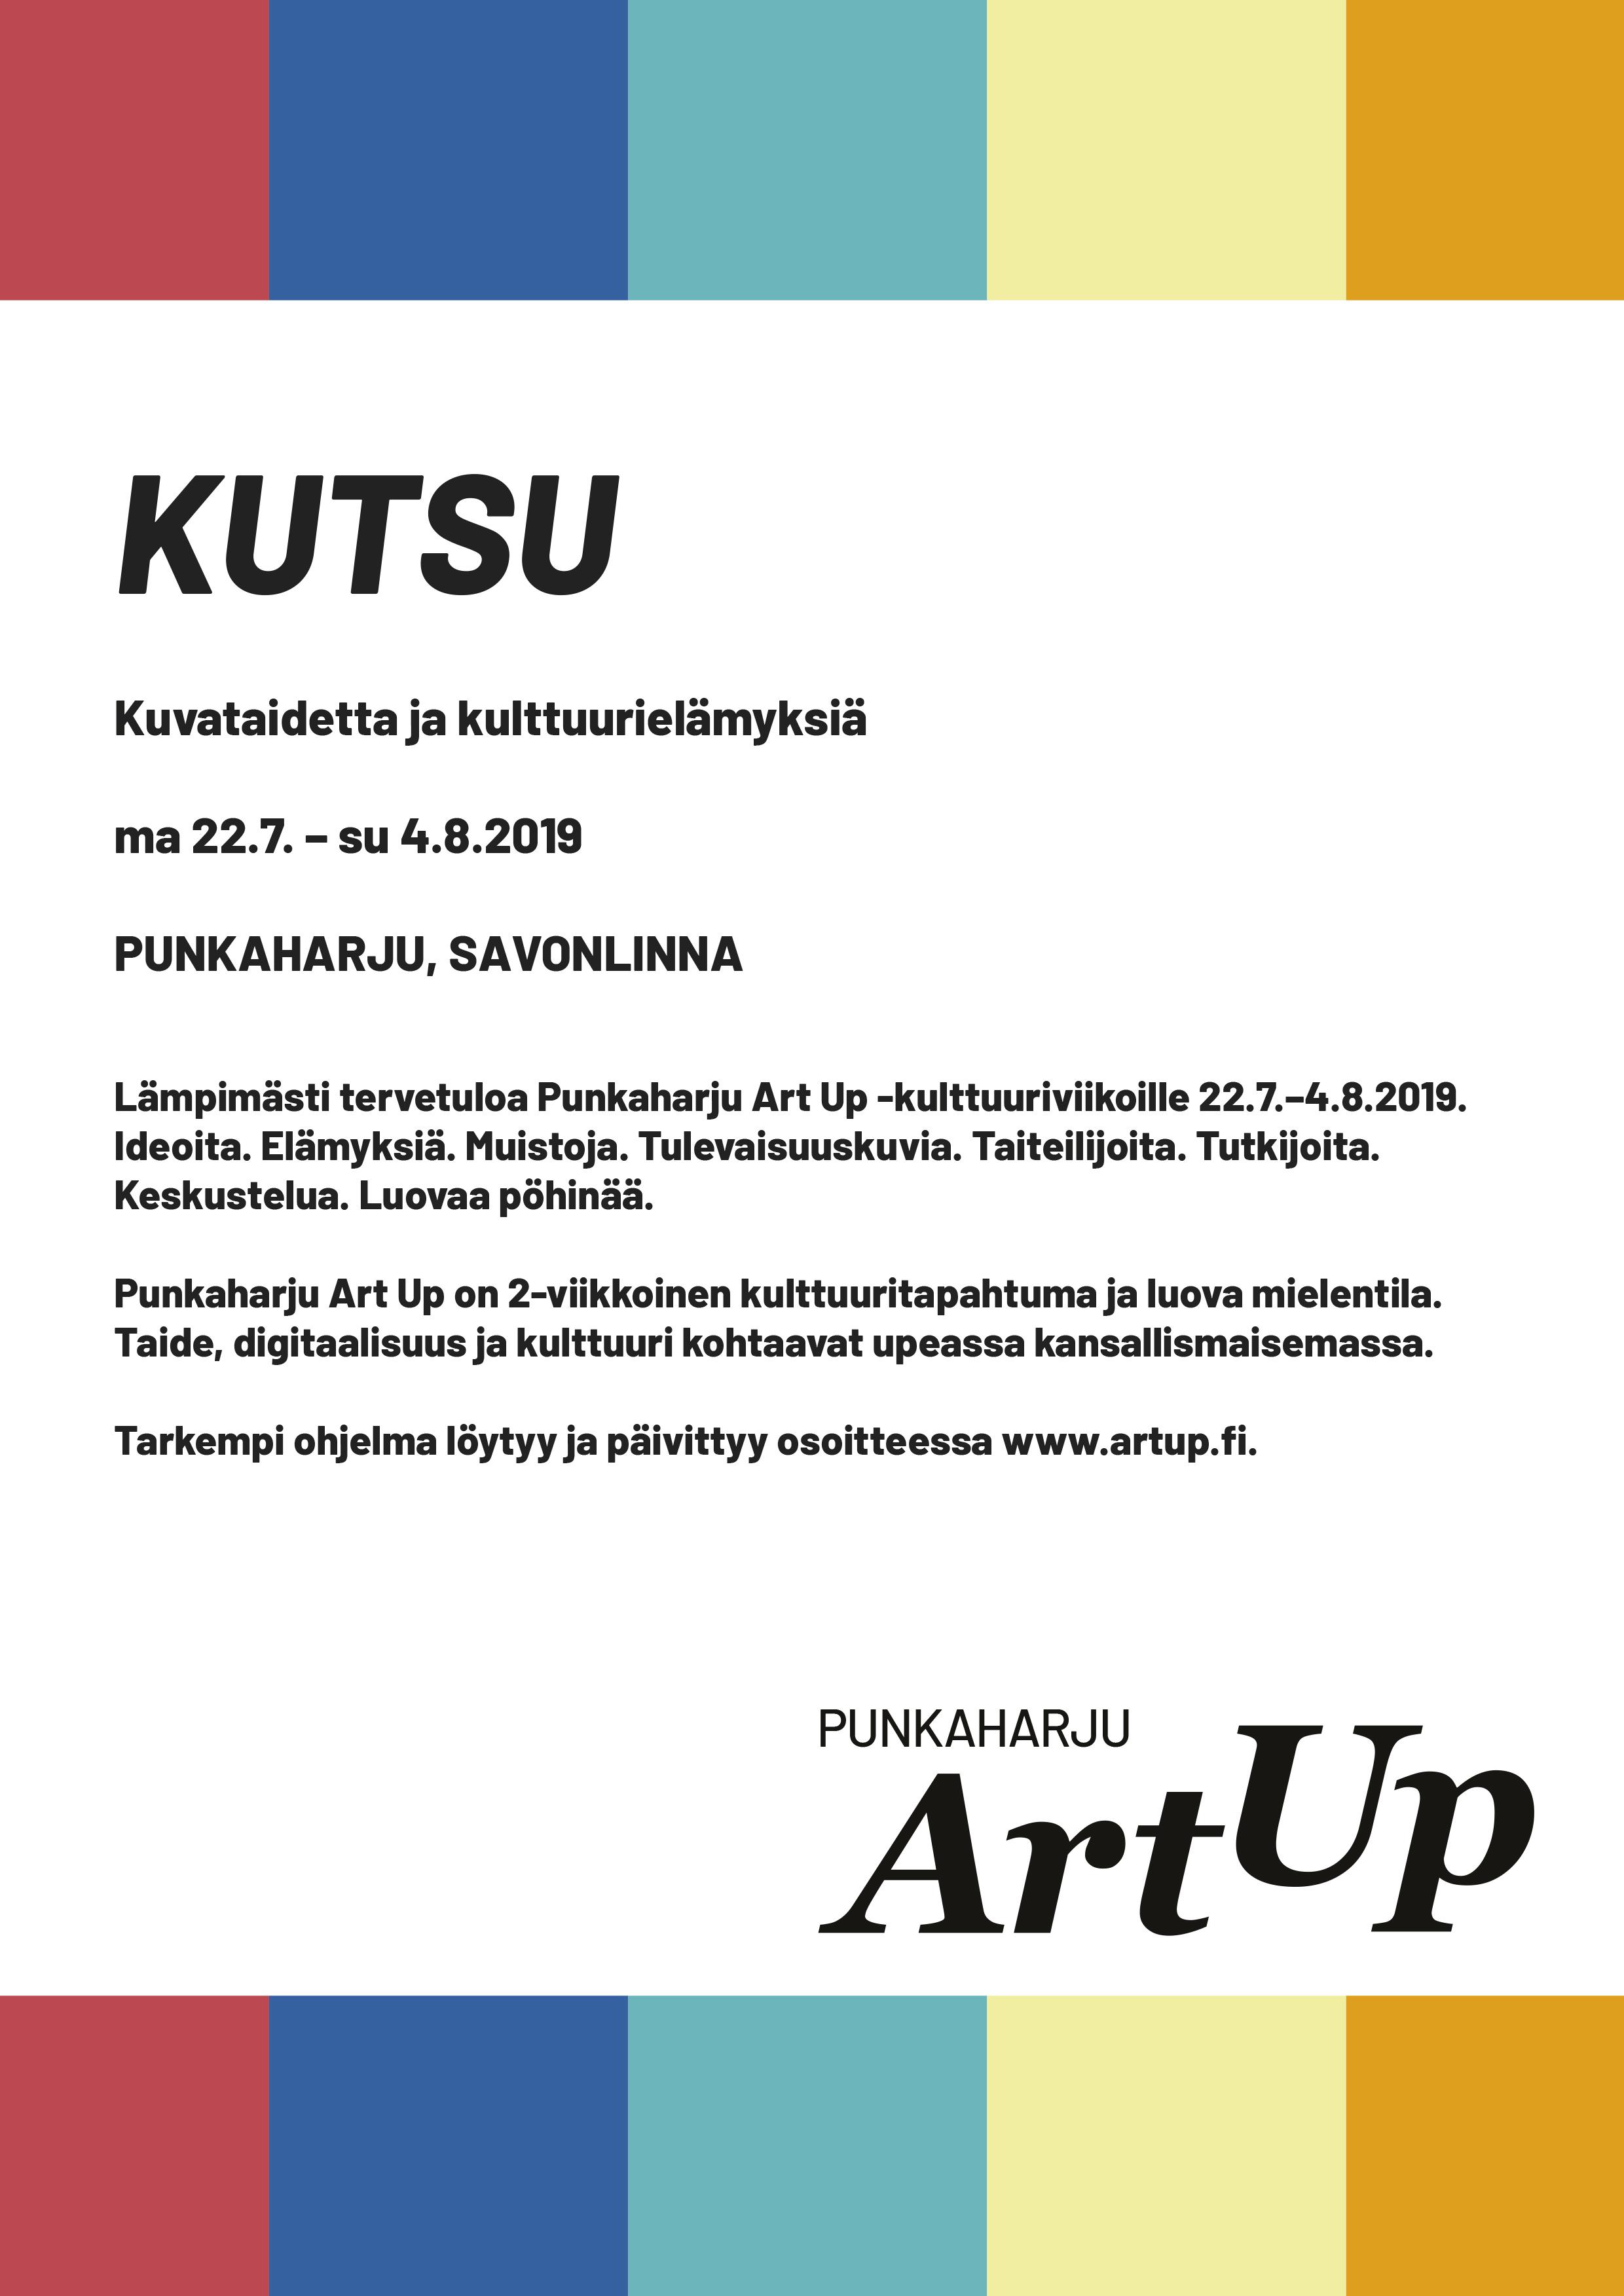 Kutsu_ArtUp_2019.jpg